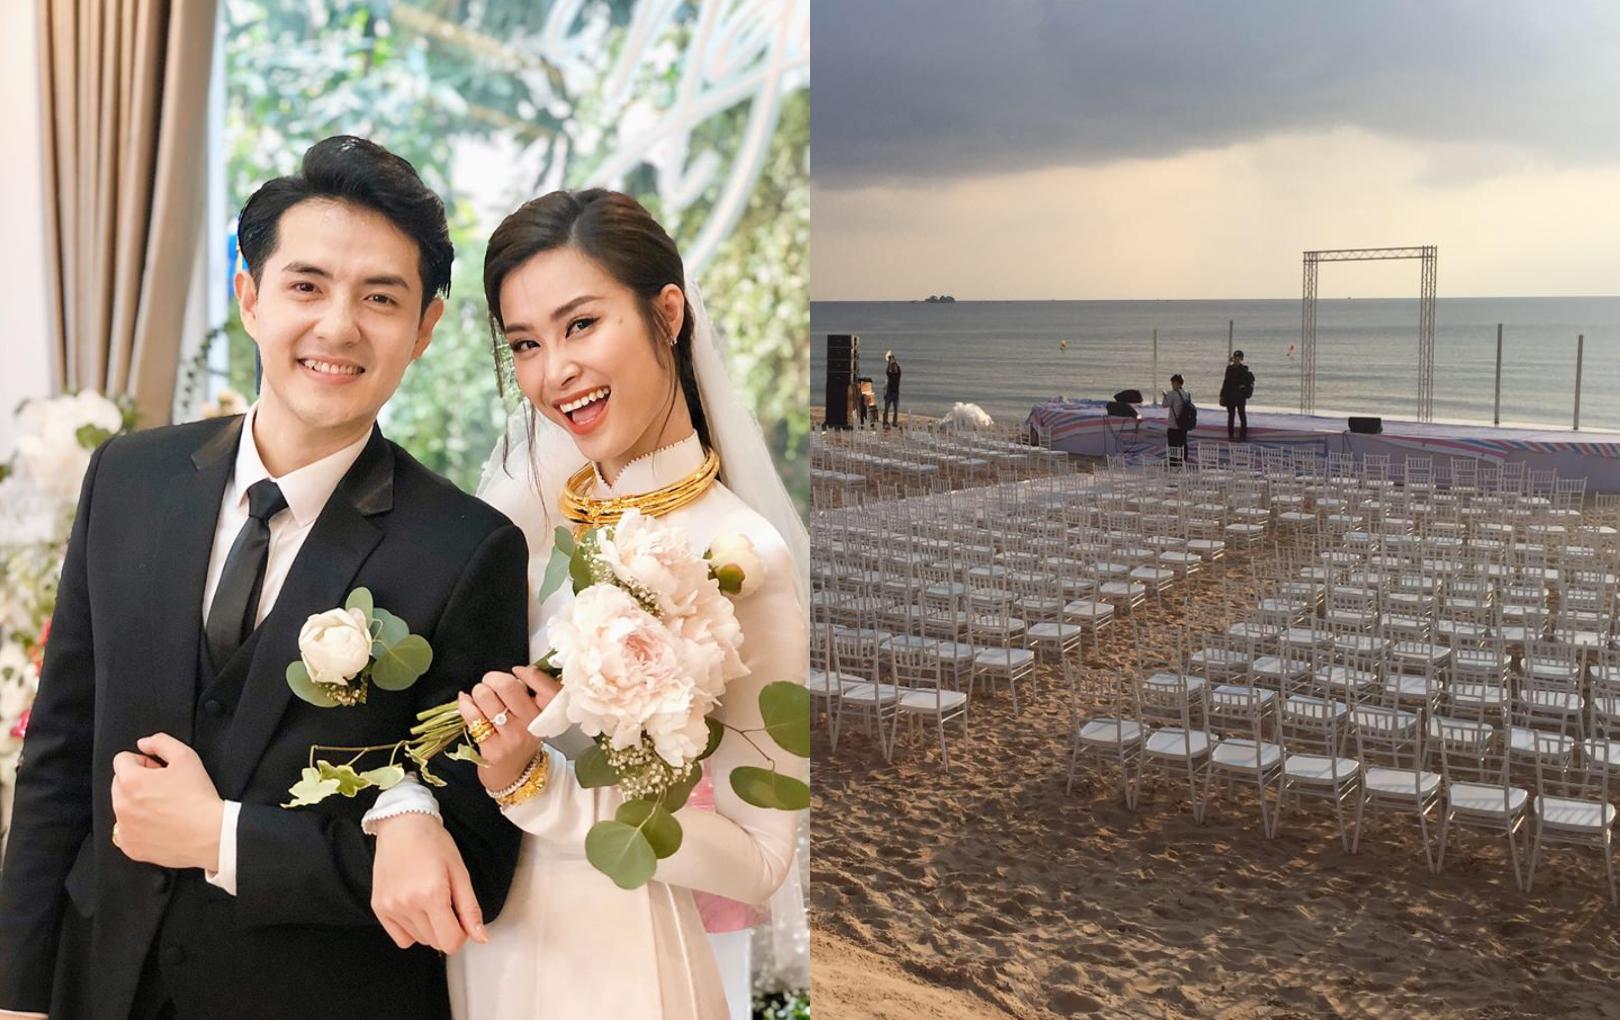 Hé lộ hình ảnh không gian đám cưới Đông Nhi - Ông Cao Thắng ở Phú Quốc trước giờ G